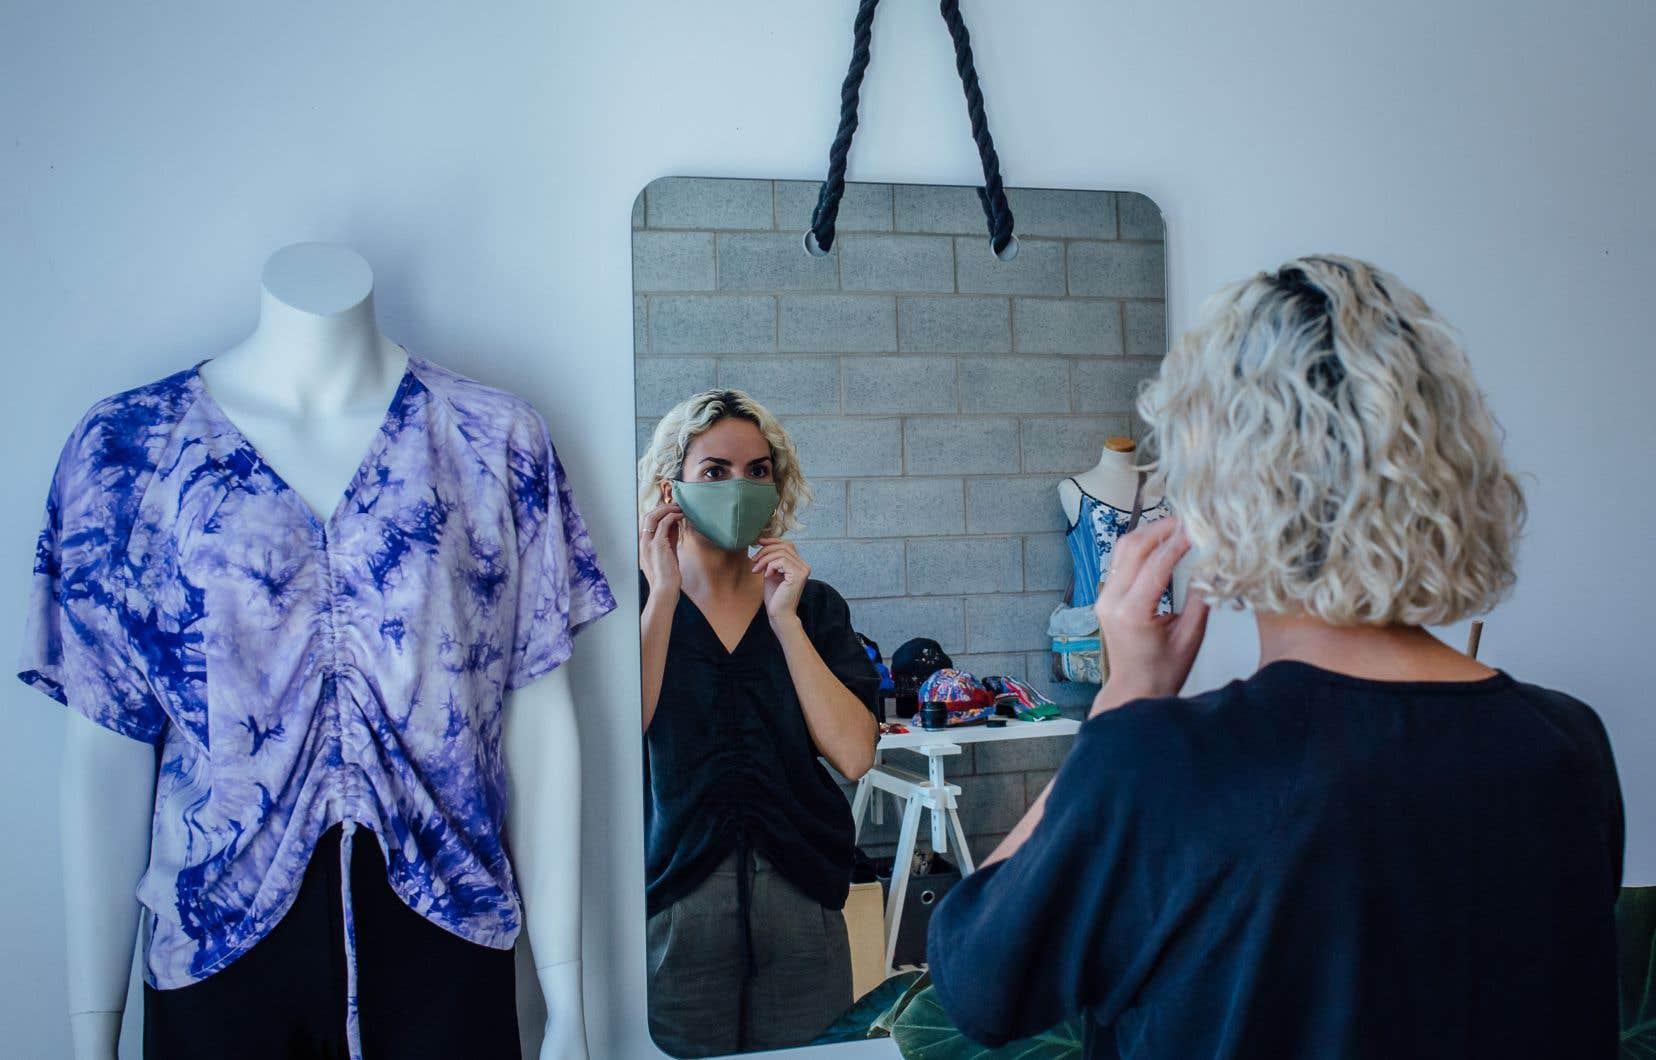 Peu importe le modèle de masque fait maison, il faut se laver les mains avant de le mettre et après l'avoir enlevé, et il faut le laver après chaque utilisation.